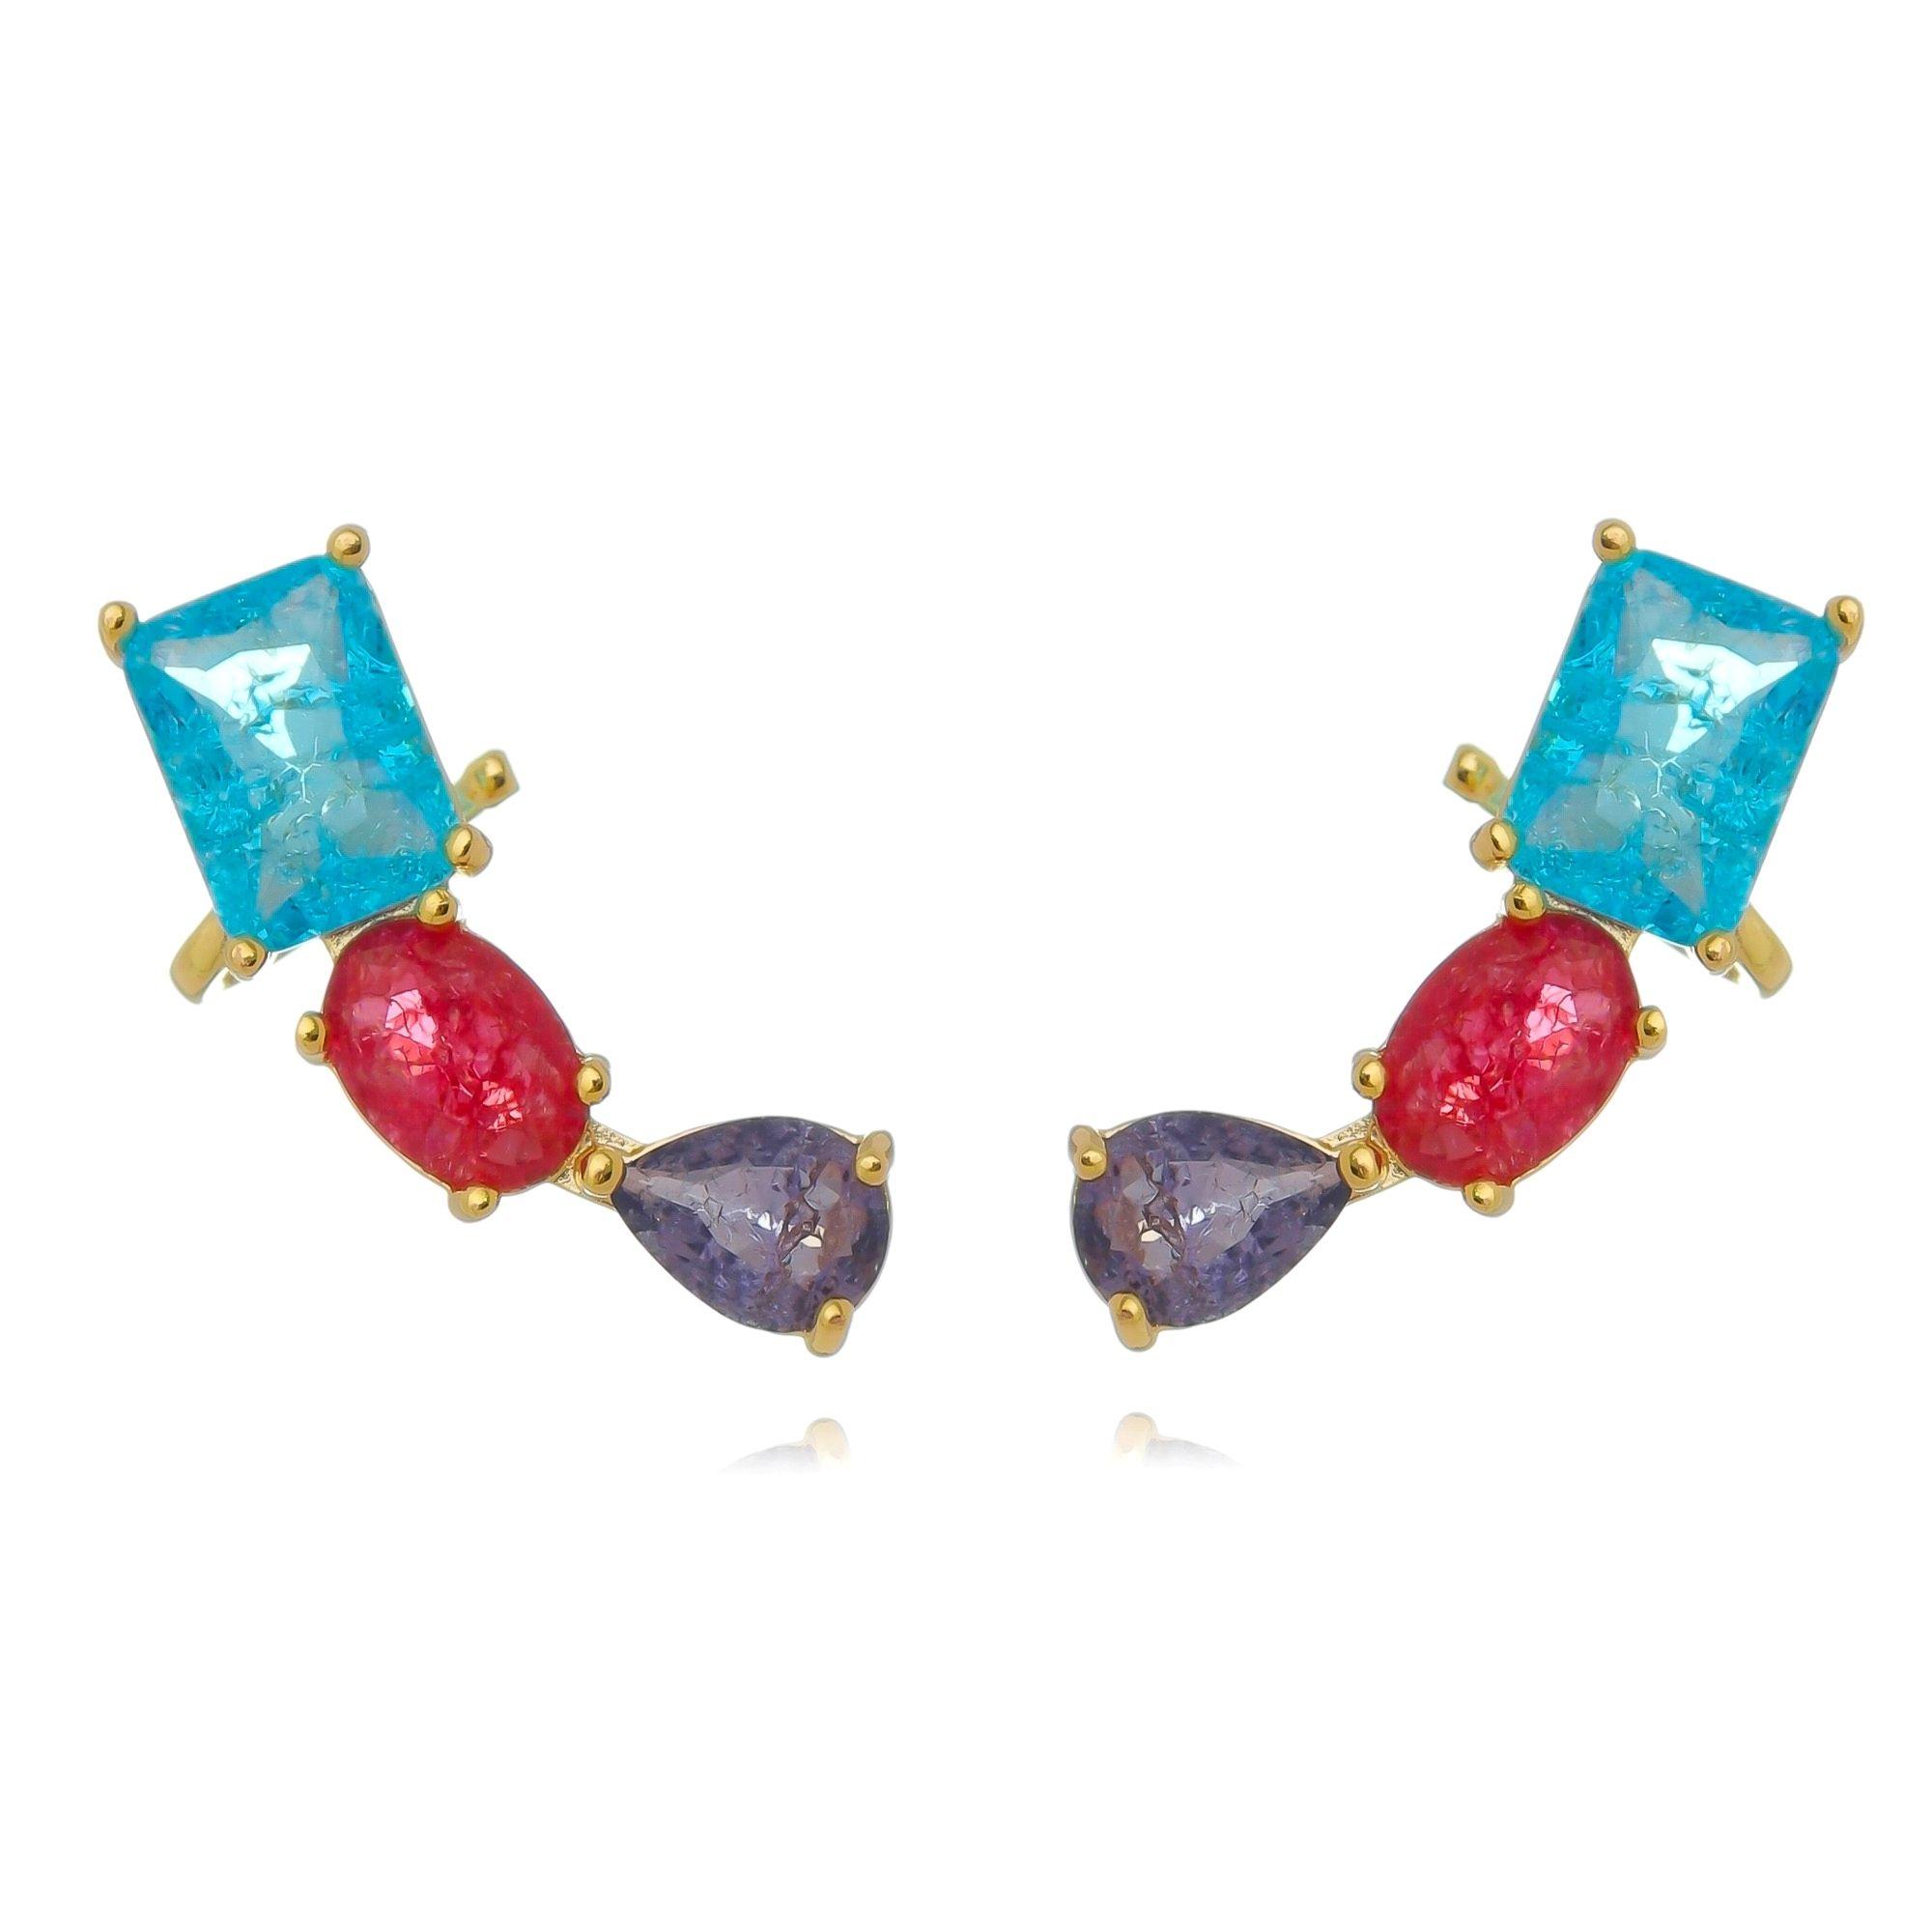 Ear Cuff Colorido Fusion com Garra Semijoia Fashion Ouro  - Soloyou